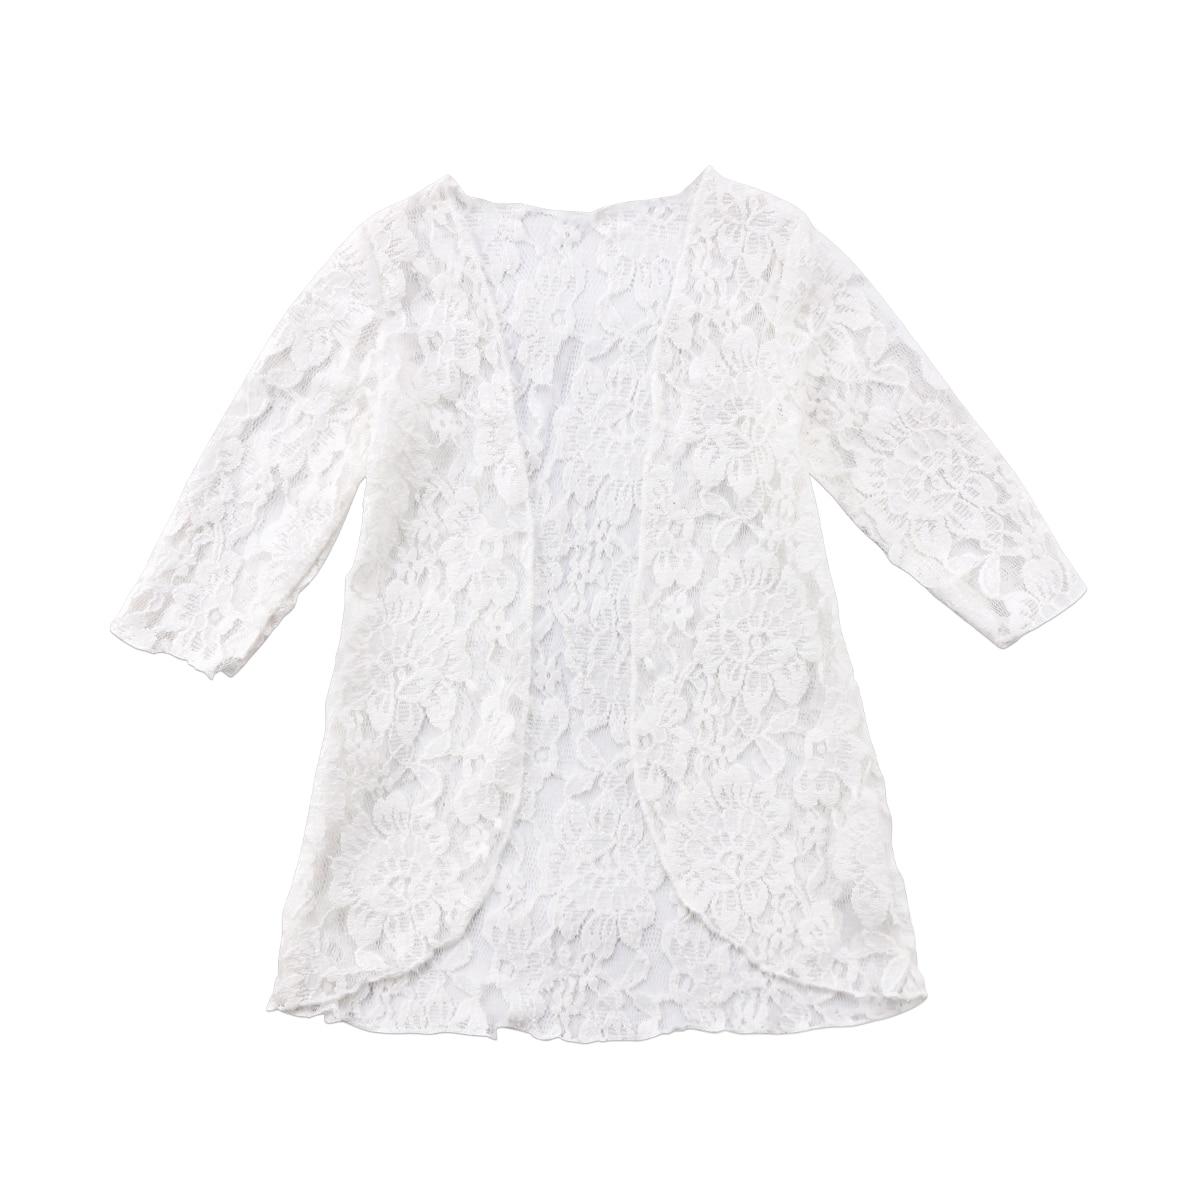 Пляжное платье для маленьких девочек кружевное с защитой от солнца верхняя